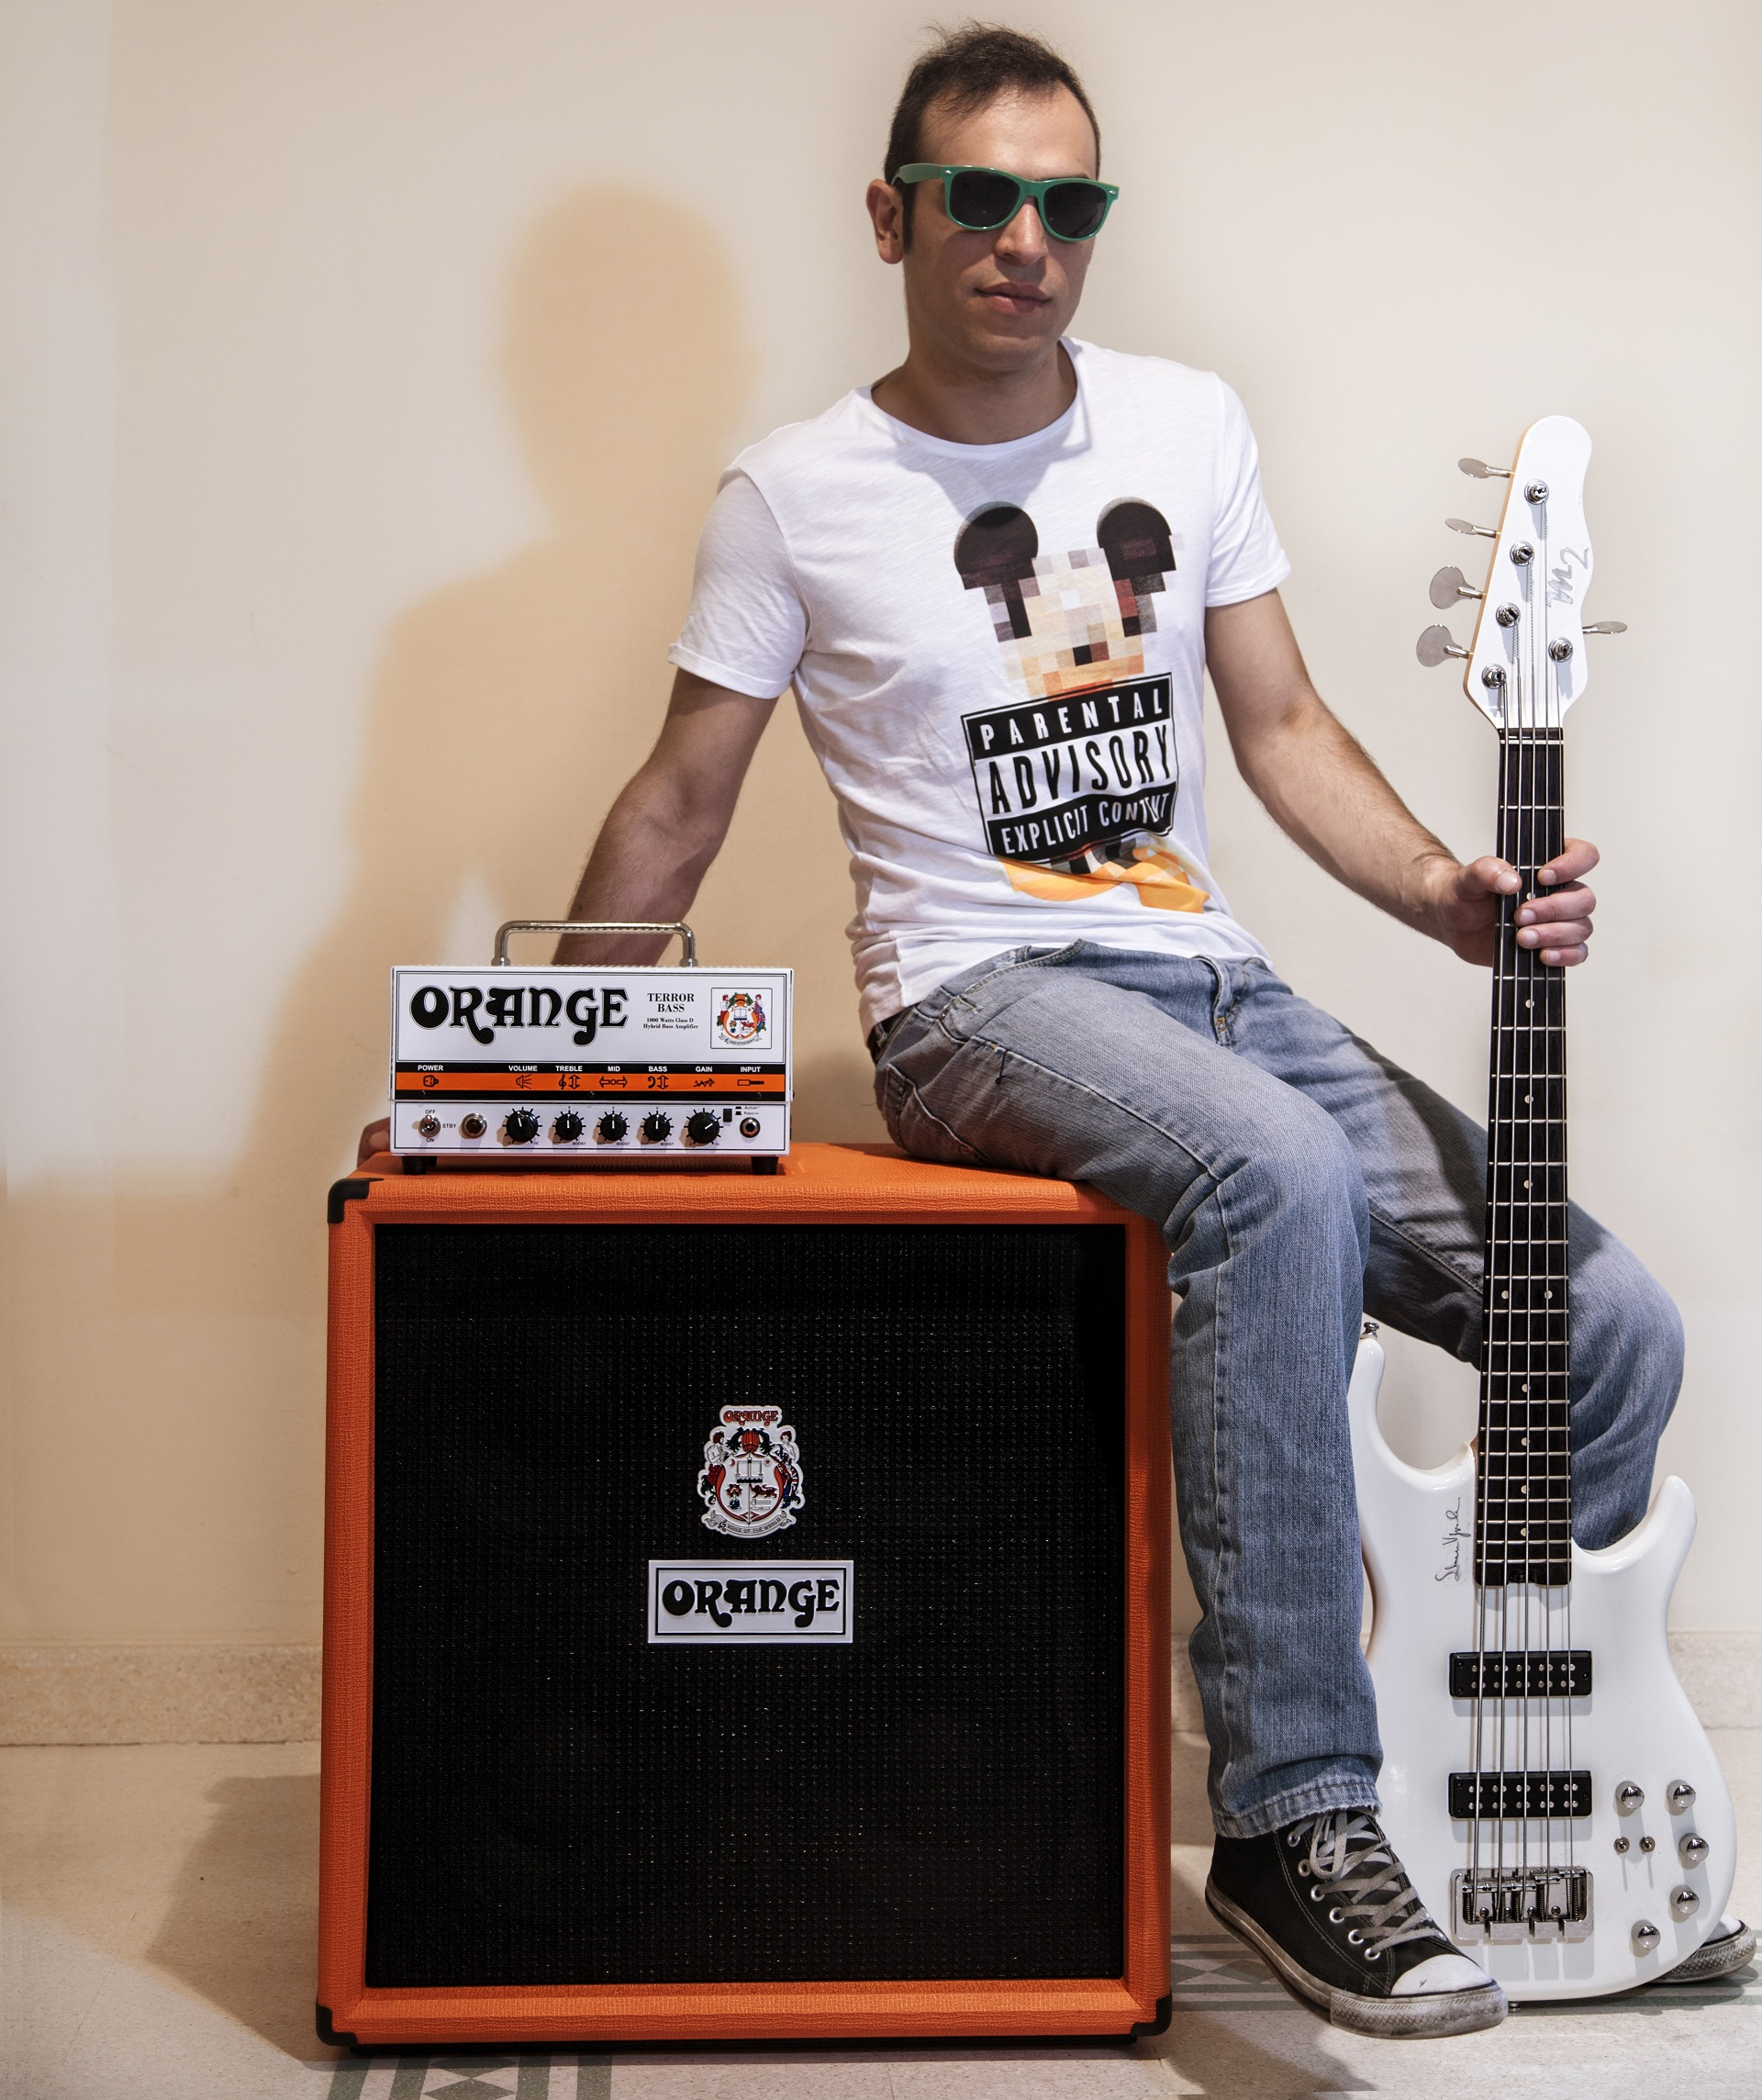 SIMONE VIGNOLA ORANGE Terror Bass 1000 + OCB 410